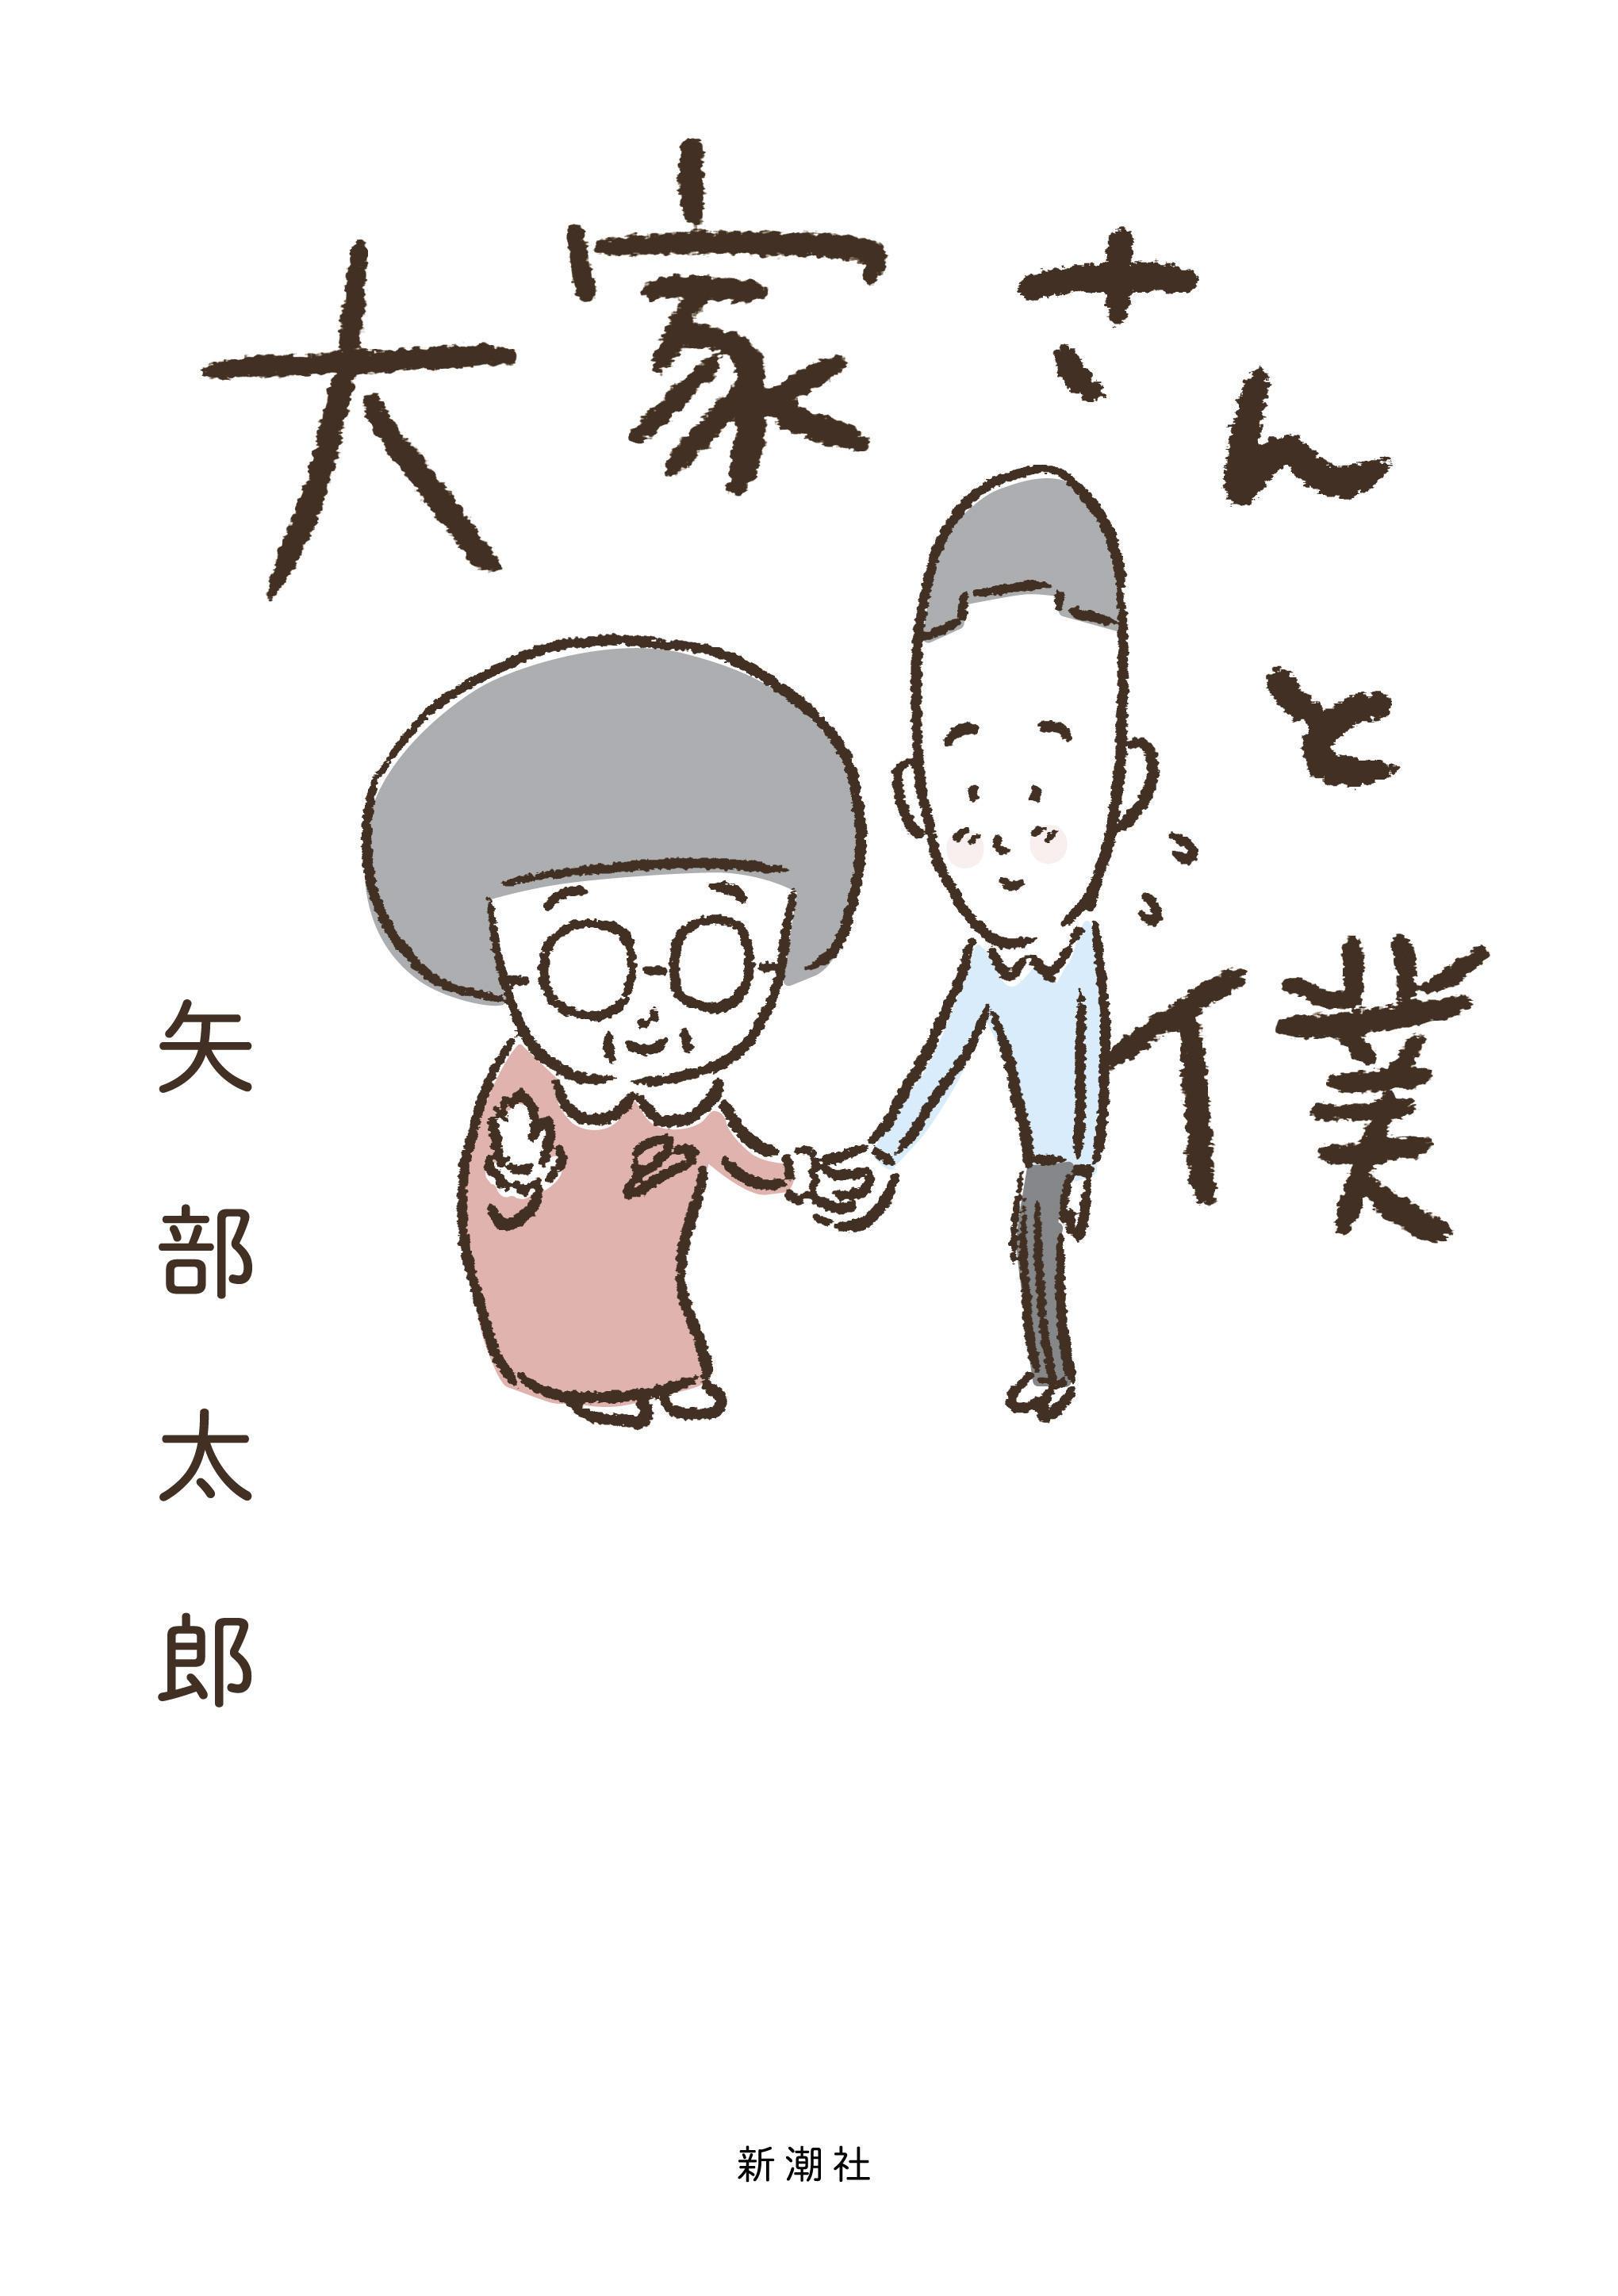 http://news.yoshimoto.co.jp/20180424150459-e48f03da3f28cf3319556b027aaae918d1d79242.jpg